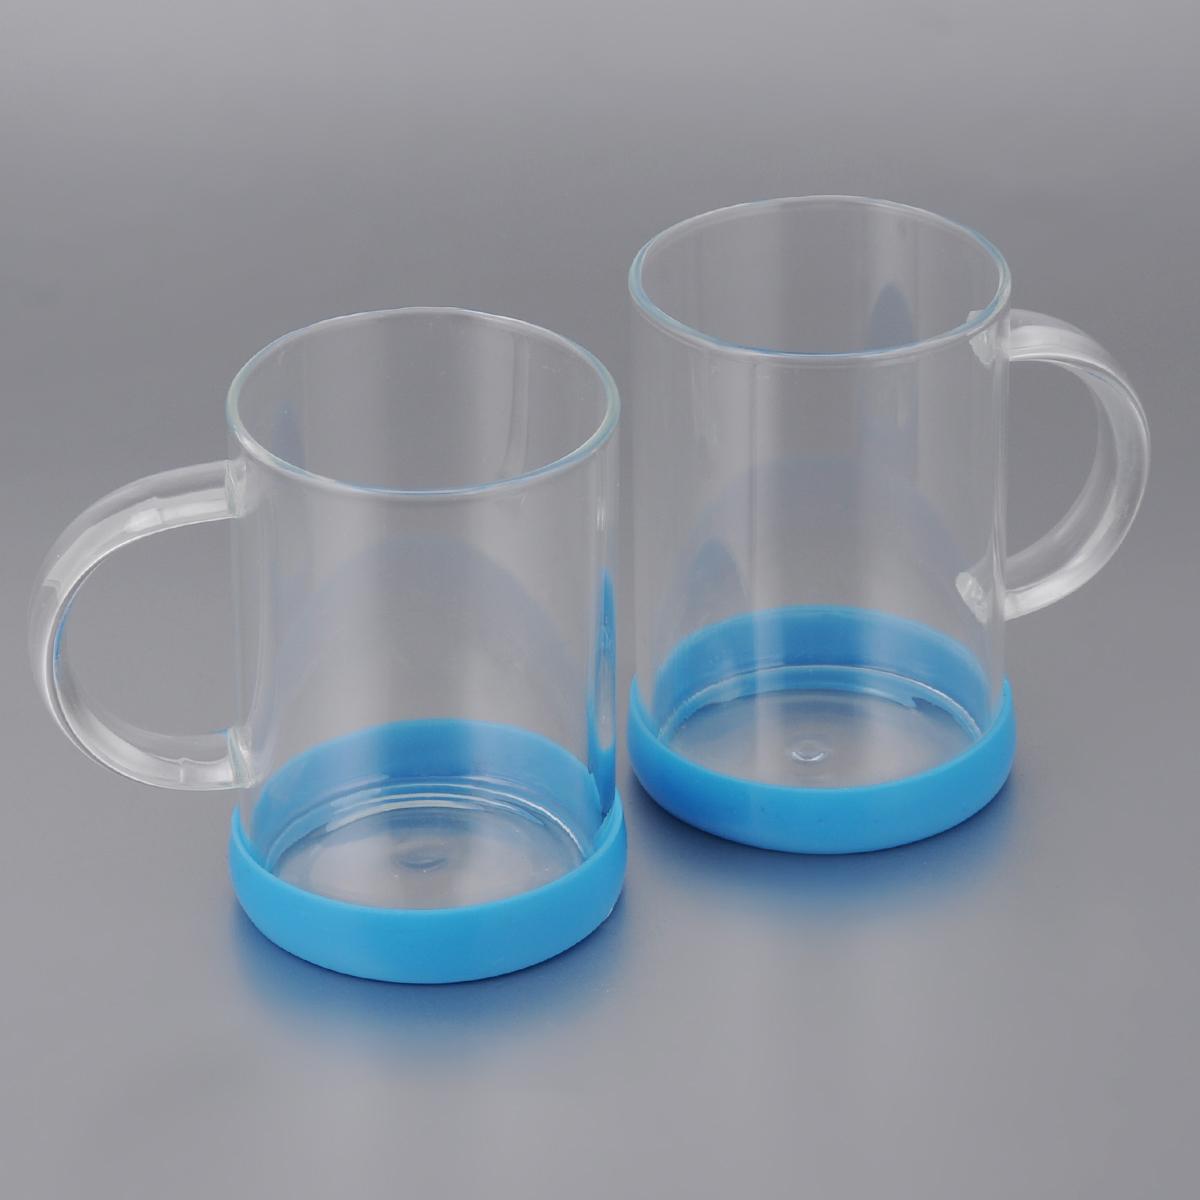 Набор стаканов Apollo Bauble, цвет: синий, 260 мл, 2 штBBL-02Набор Apollo Bauble, состоящий из двух стаканов, несомненно, придется вам по душе. Стаканы изготовлены из жаропрочного стекла и оснащены противоскользящими силиконовыми основаниями. Современный дизайн изделий полностью соответствует последним модным тенденциям в создании предметов бытовой техники.Набор стаканов Apollo Bauble станет также отличным подарком на любой праздник.Стаканы не рекомендуется мыть в посудомоечной машине. Диаметр стакана по верхнему краю: 6,5 см. Высота стакана: 10 см.